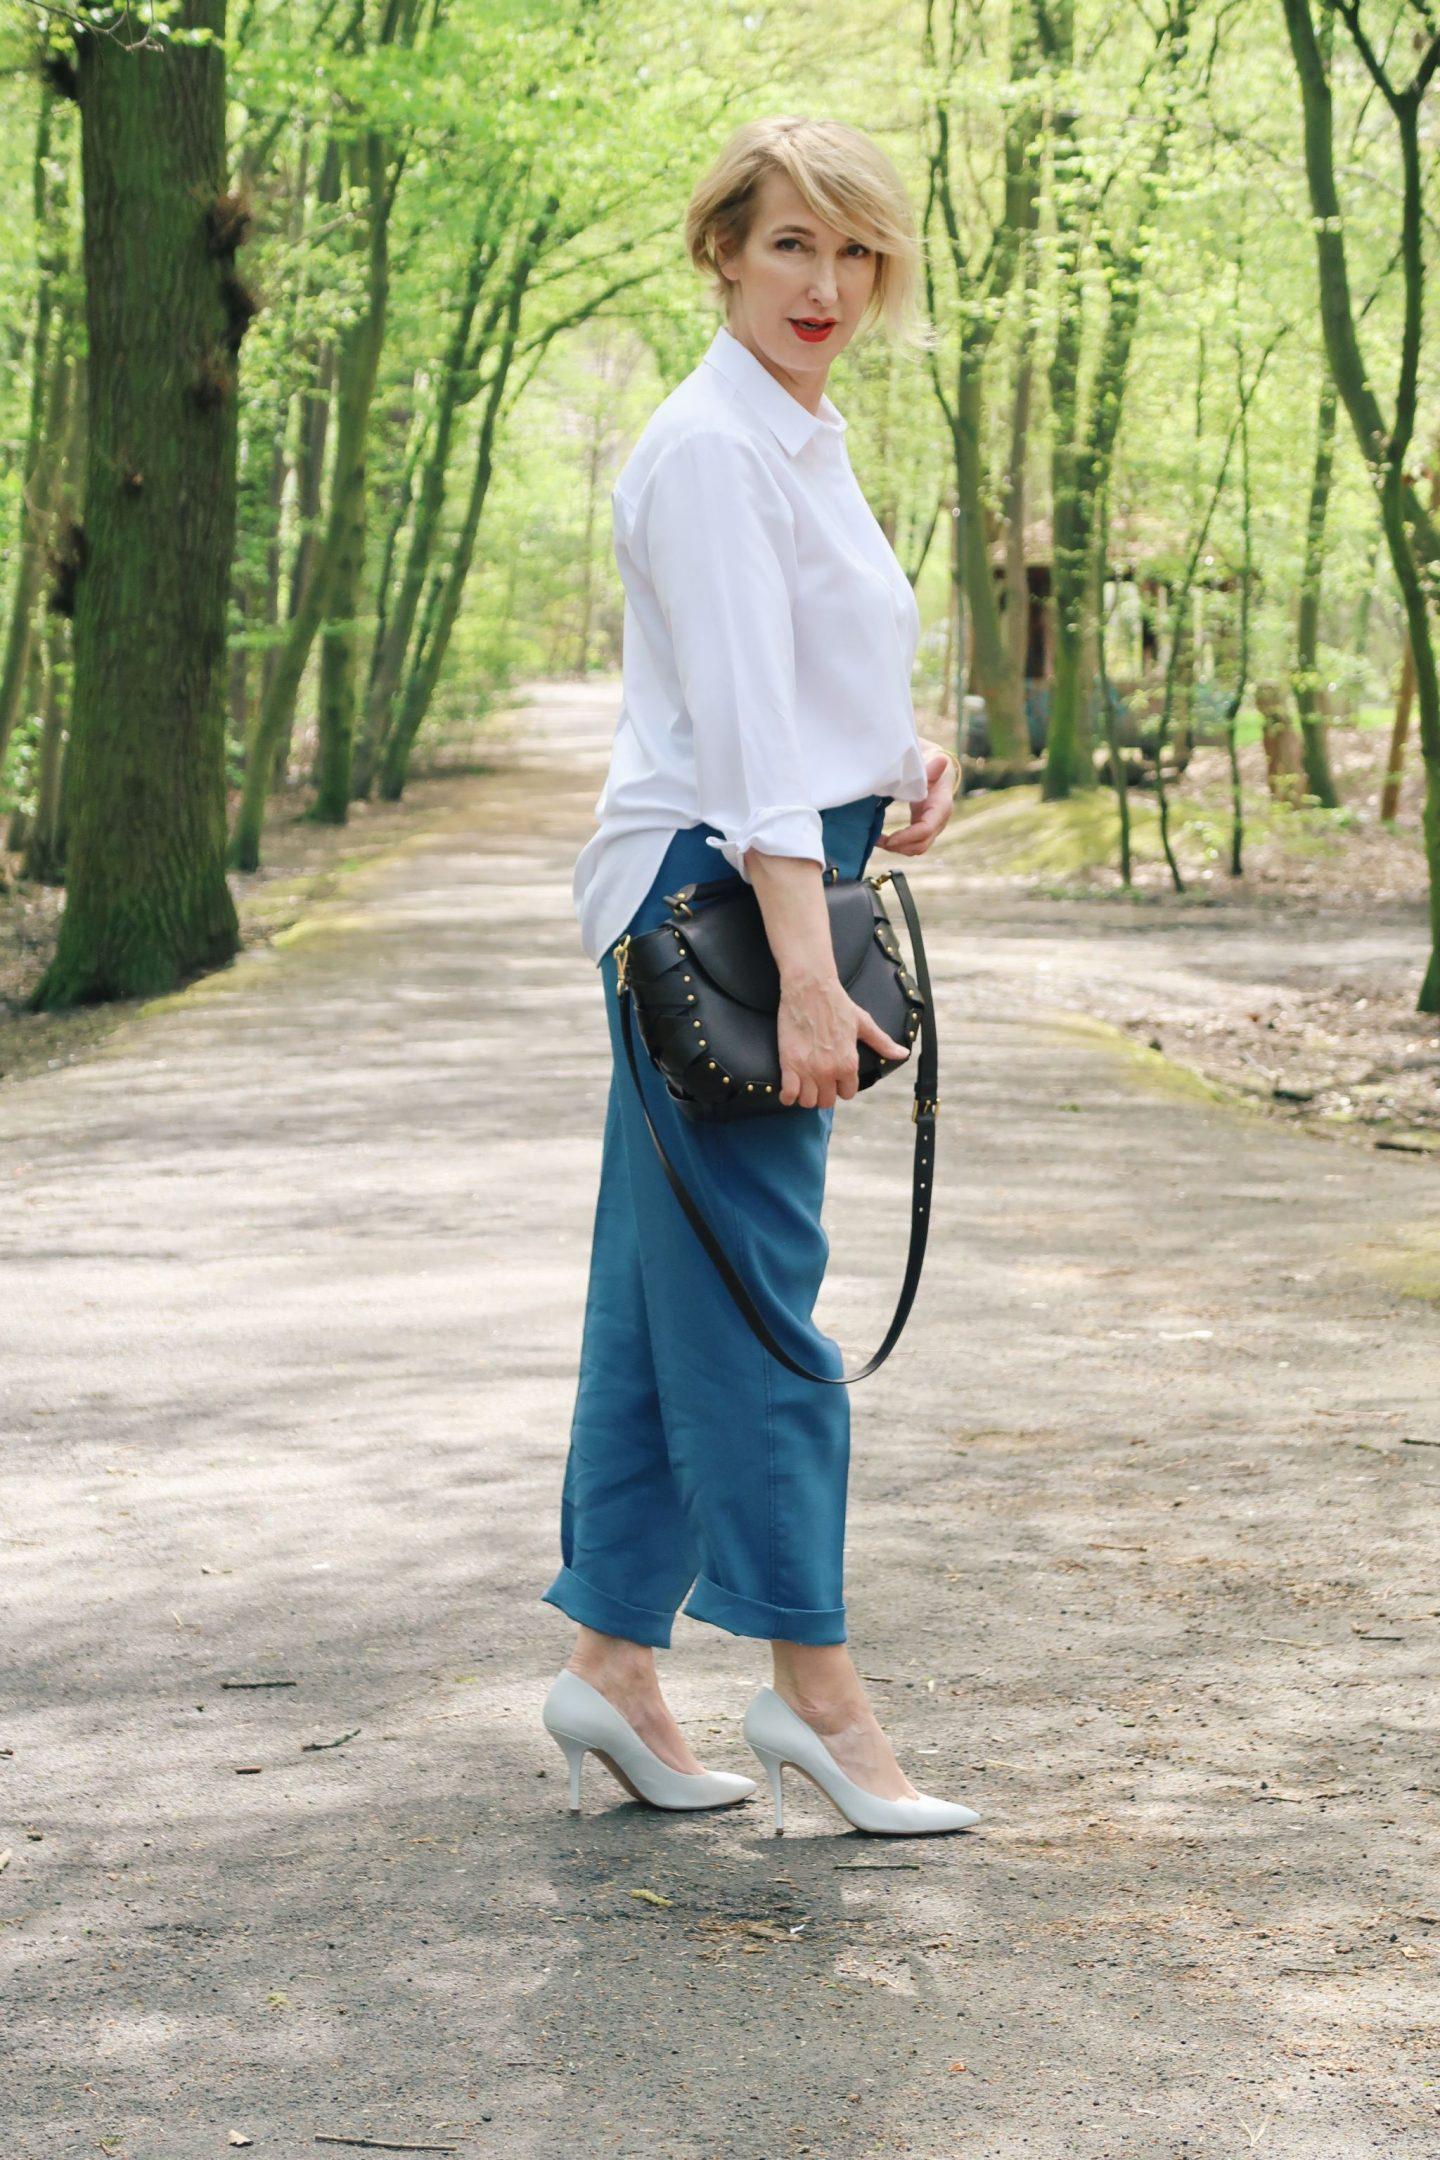 Klassische weiße Bluse und ein Bloggerinterview